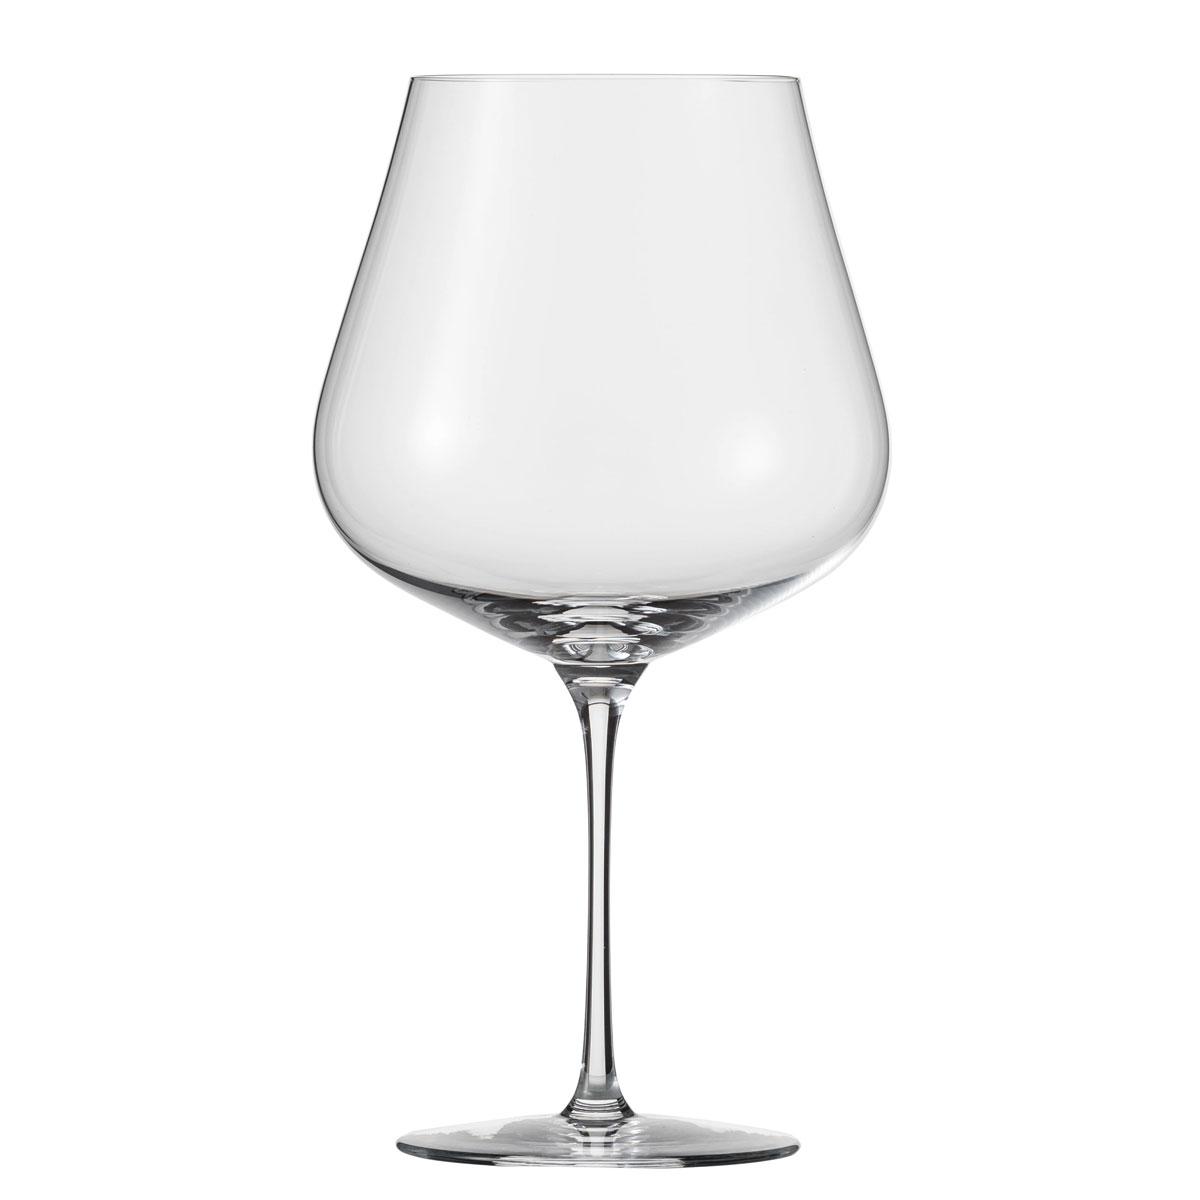 Schott Zwiesel Tritan Crystal, Air Burgundy, Pinot Noir Glass, Single